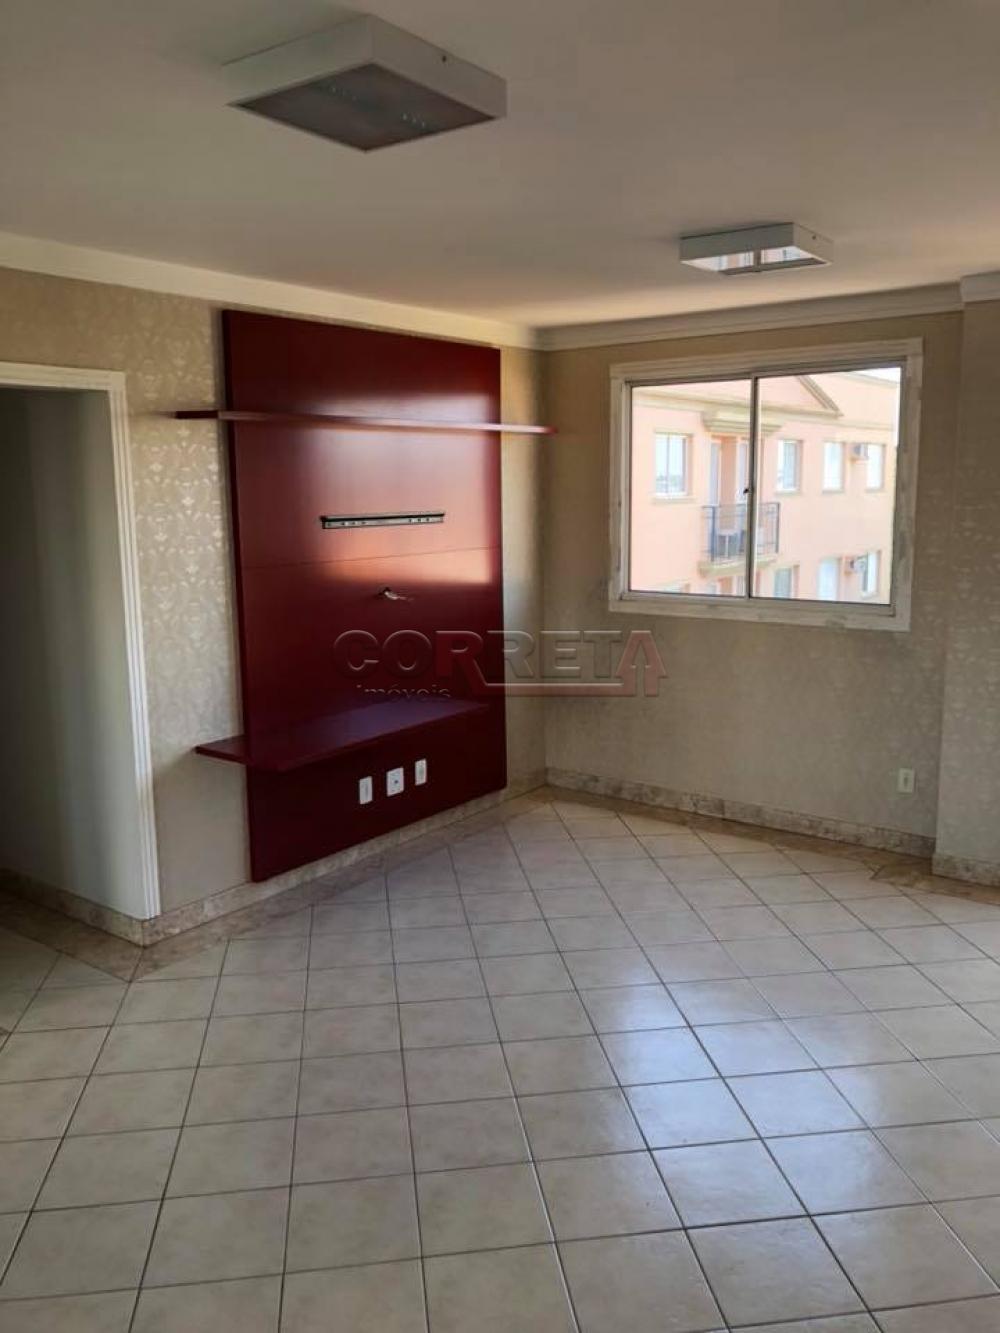 Comprar Apartamento / Padrão em Araçatuba apenas R$ 275.000,00 - Foto 2